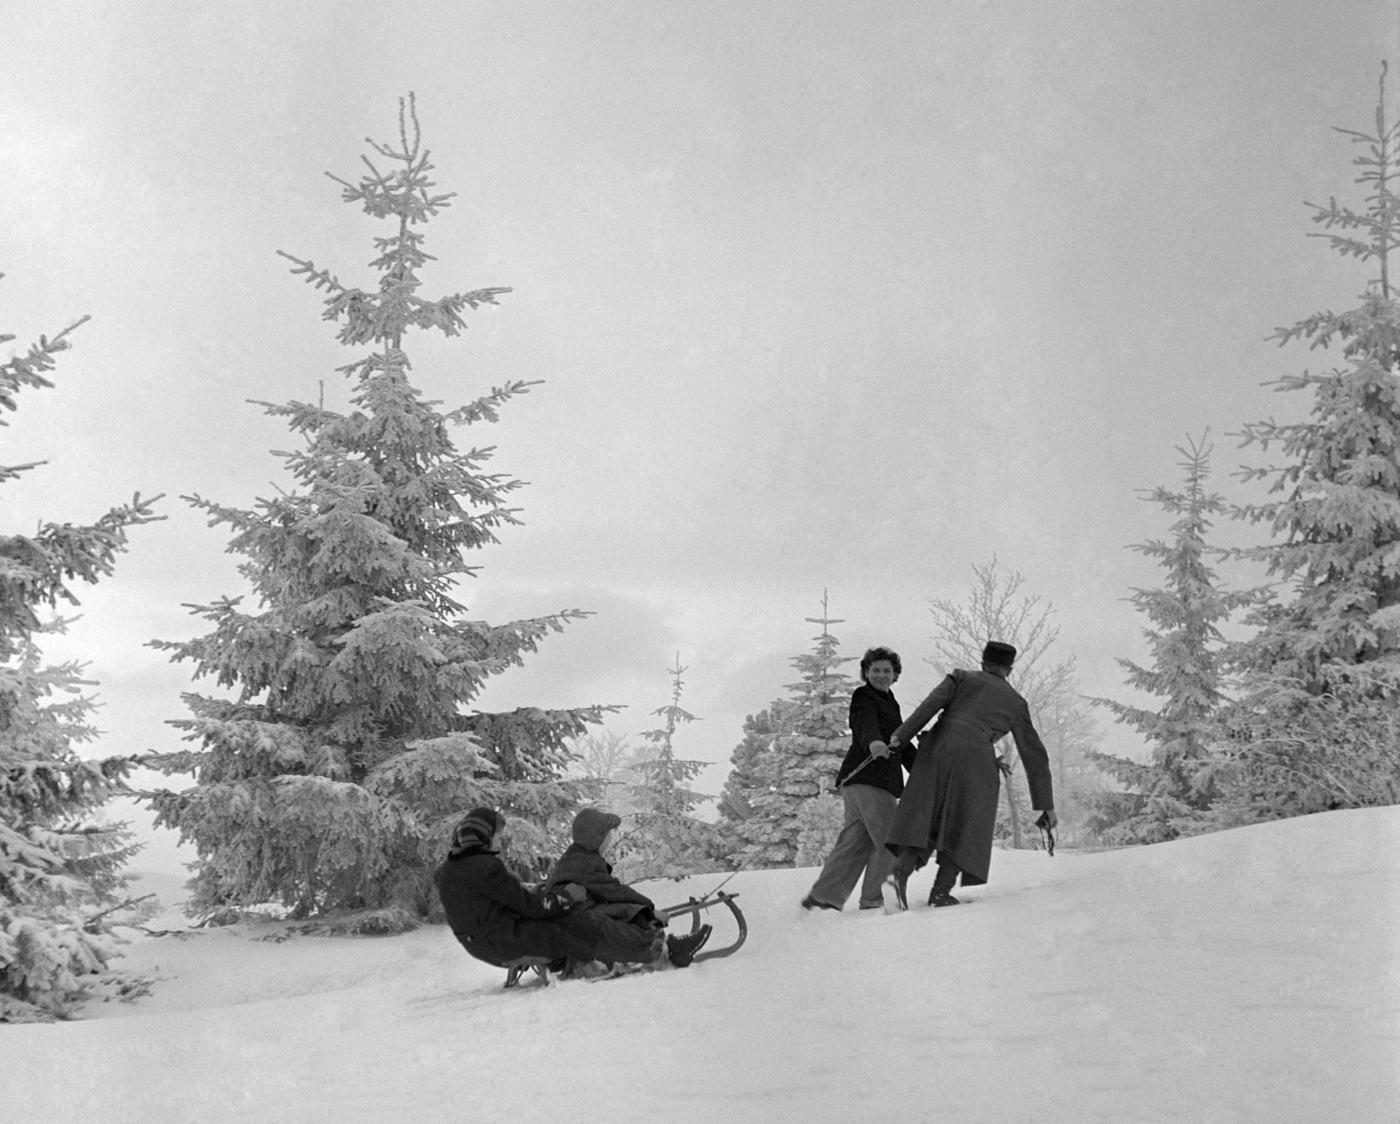 Galyatető, 1954. január 2. Szánkózó család Galyatető környékén. MTI Fotó/Magyar Fotó: Járai Rudolf